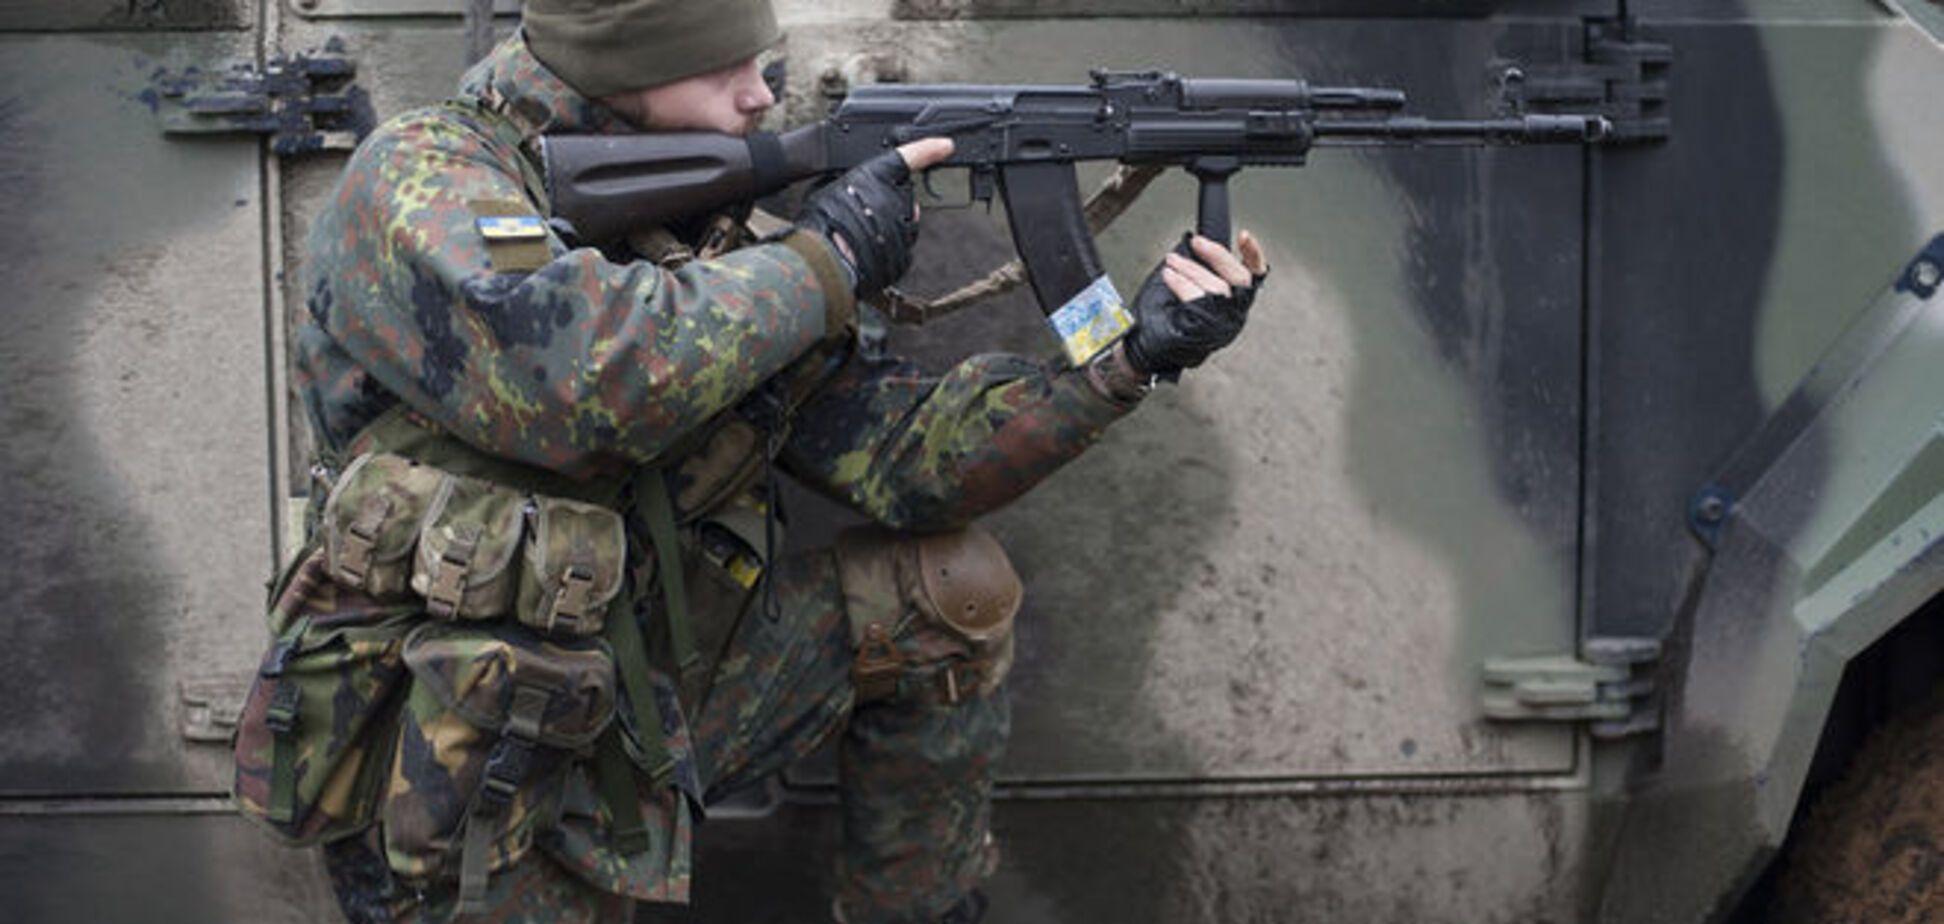 Бойцы АТО вступили в бой с террористами на мариупольском направлении